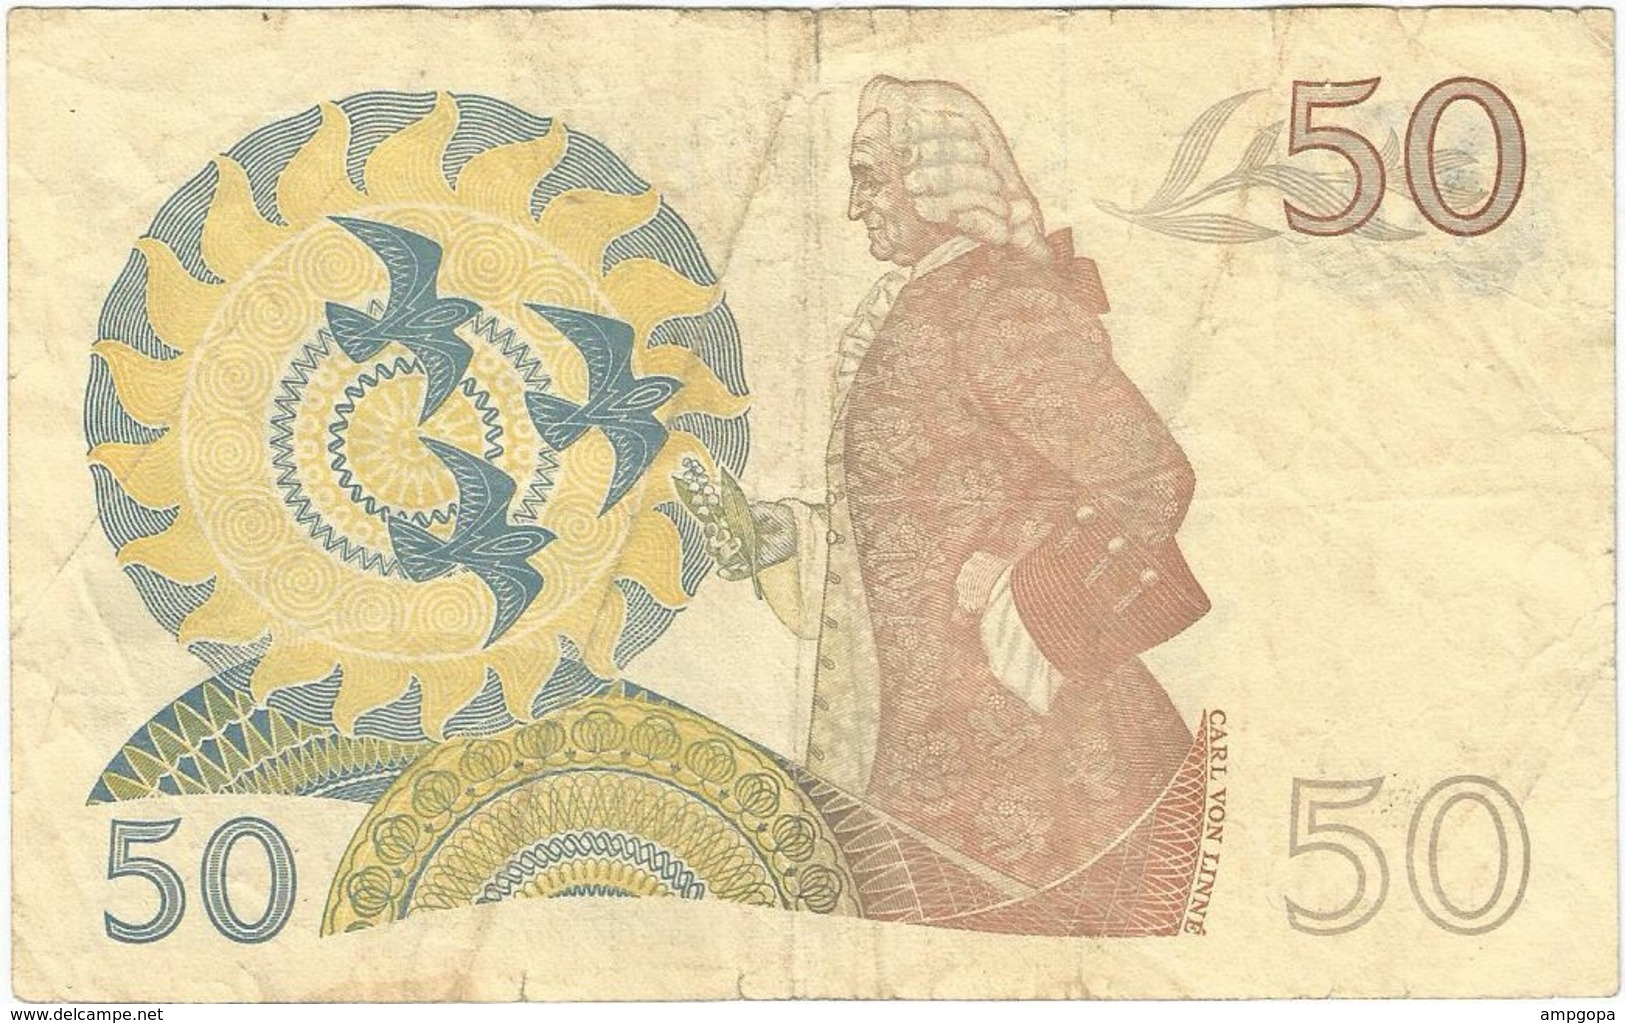 Suecia - Sweden 50 Kronor 1981 Pick 53c Ref 7 - Suecia